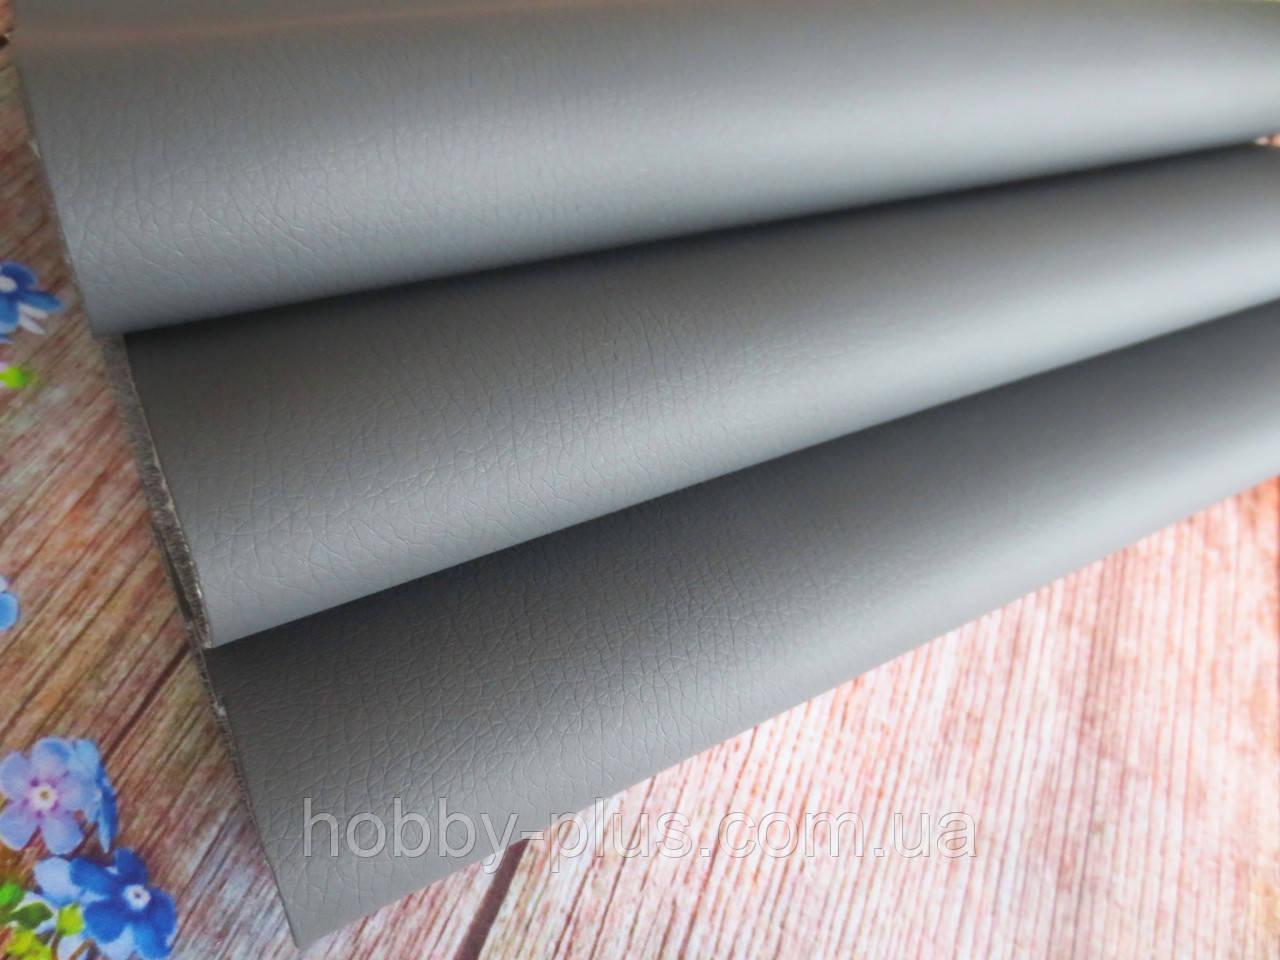 Кожзам (экокожа) матовый фактурный на тканевой основе, ТЕМНО-СЕРЫЙ, 20х28 см